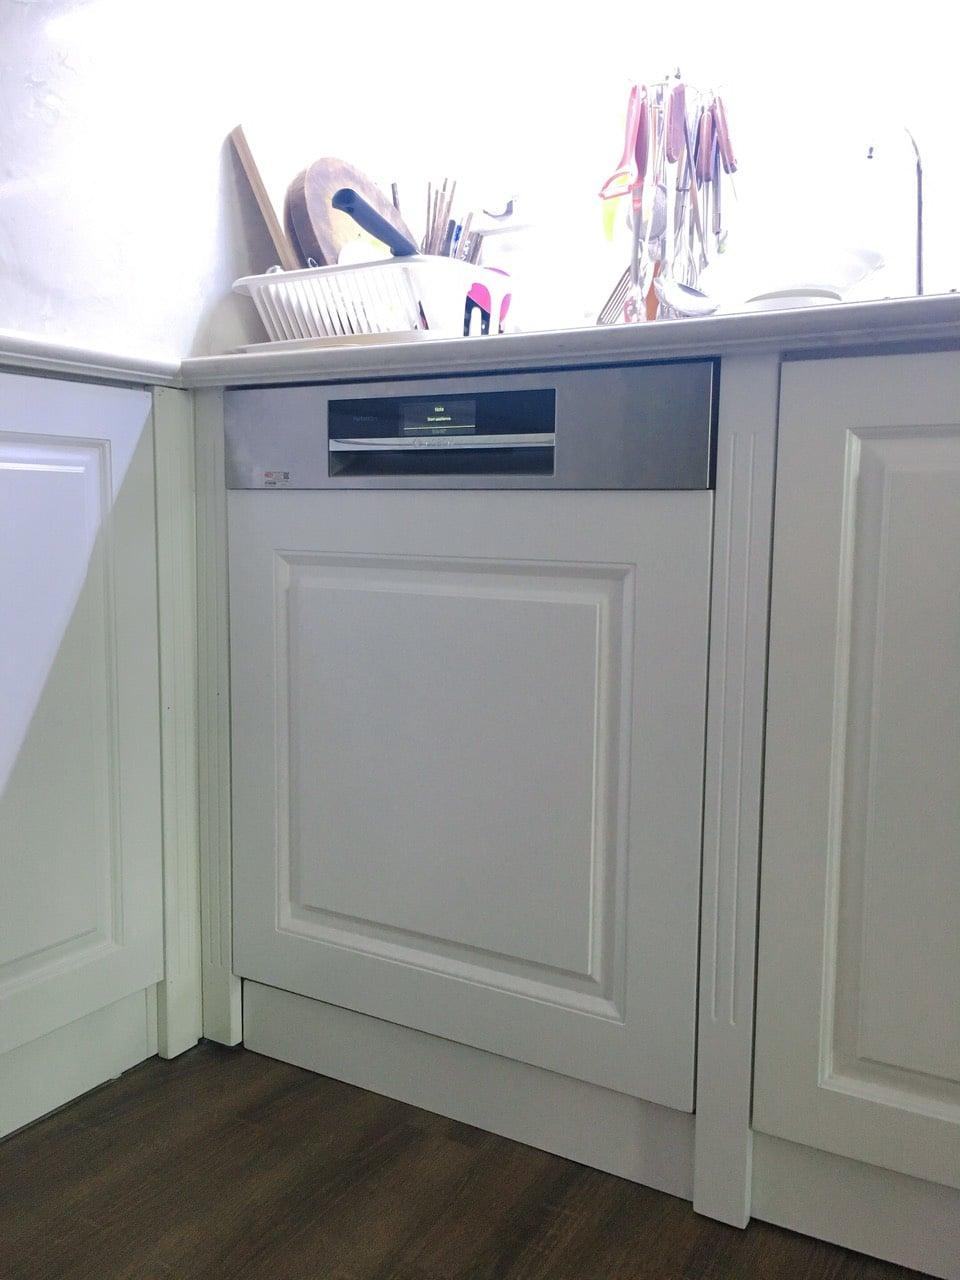 Nhà đẹp thêm SANG nhờ máy rửa bát Bosch âm tủ Smi88ts46e 6